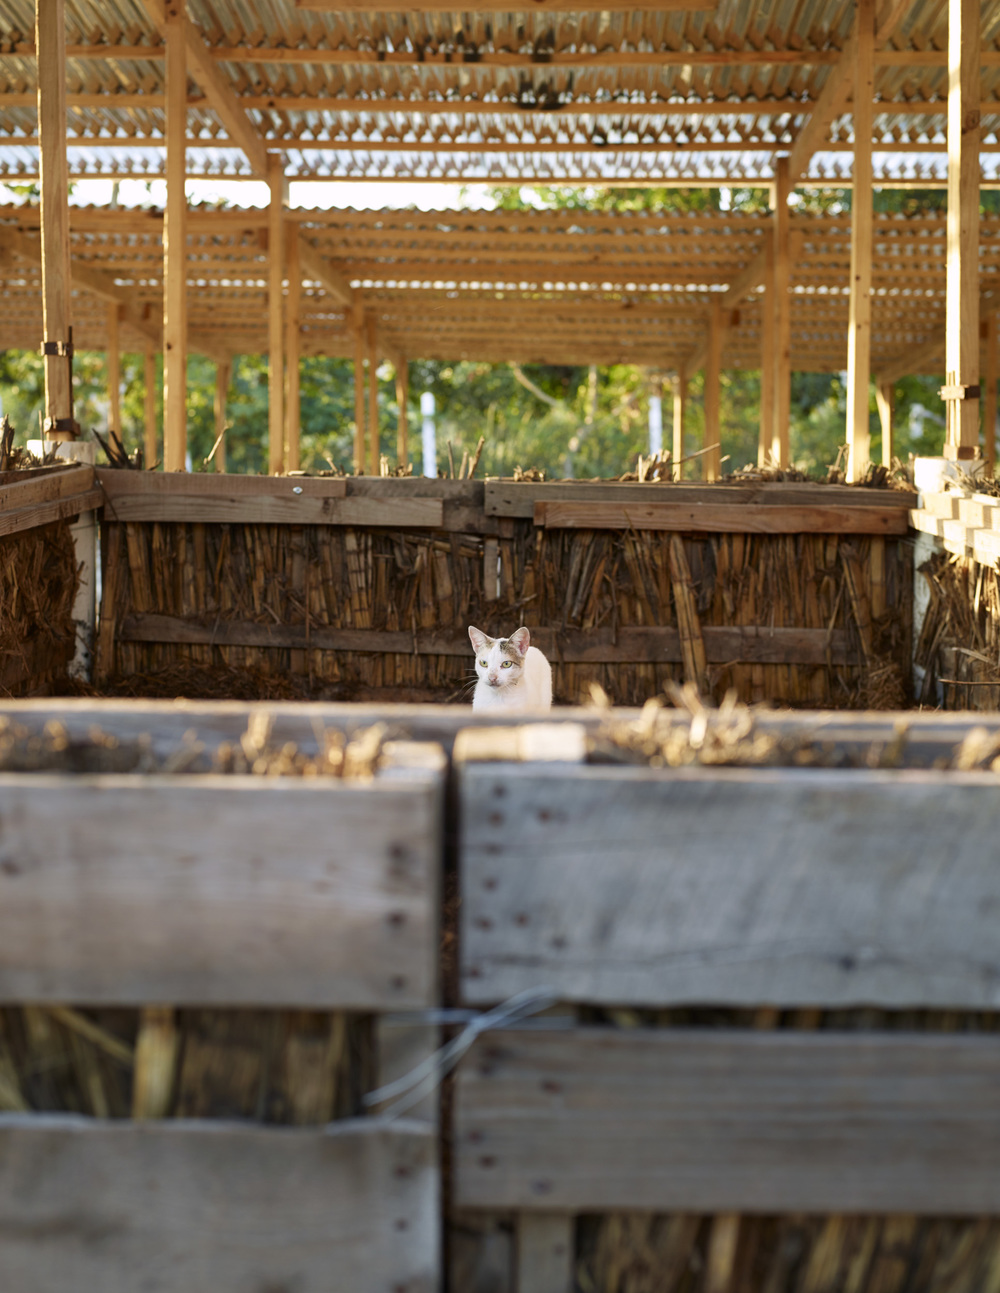 A cat atop a compost bin at SOIL's Mouchinette treatment center, Cap-Haitien, Haiti.